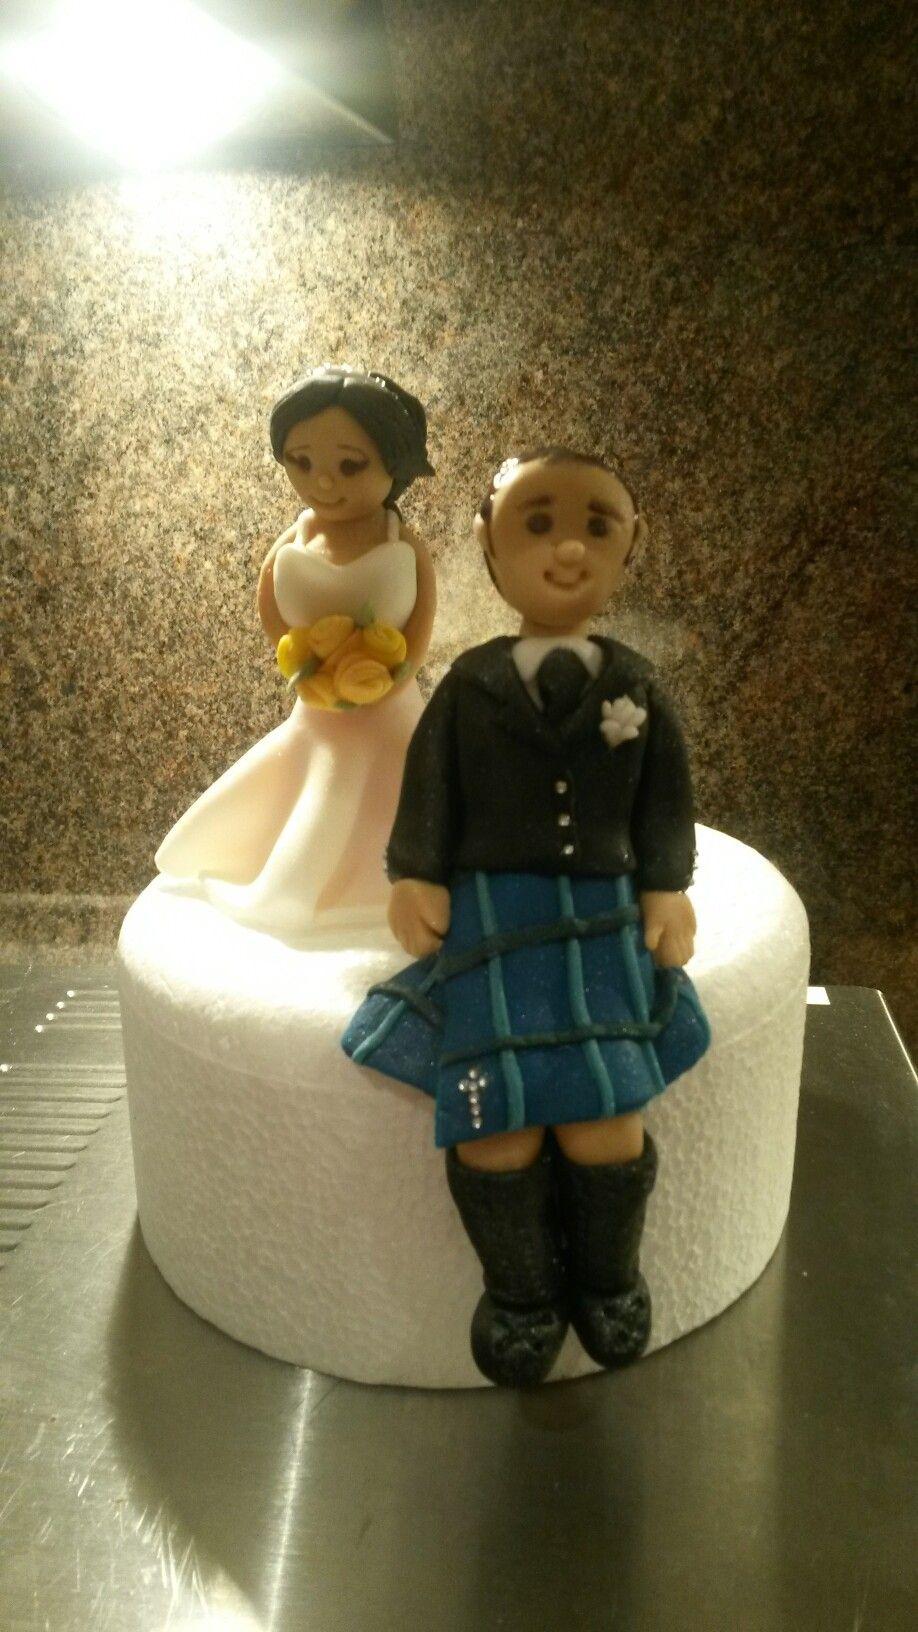 Bride And Groom Cake Toppers Scottish Wedding Kilt White Dress